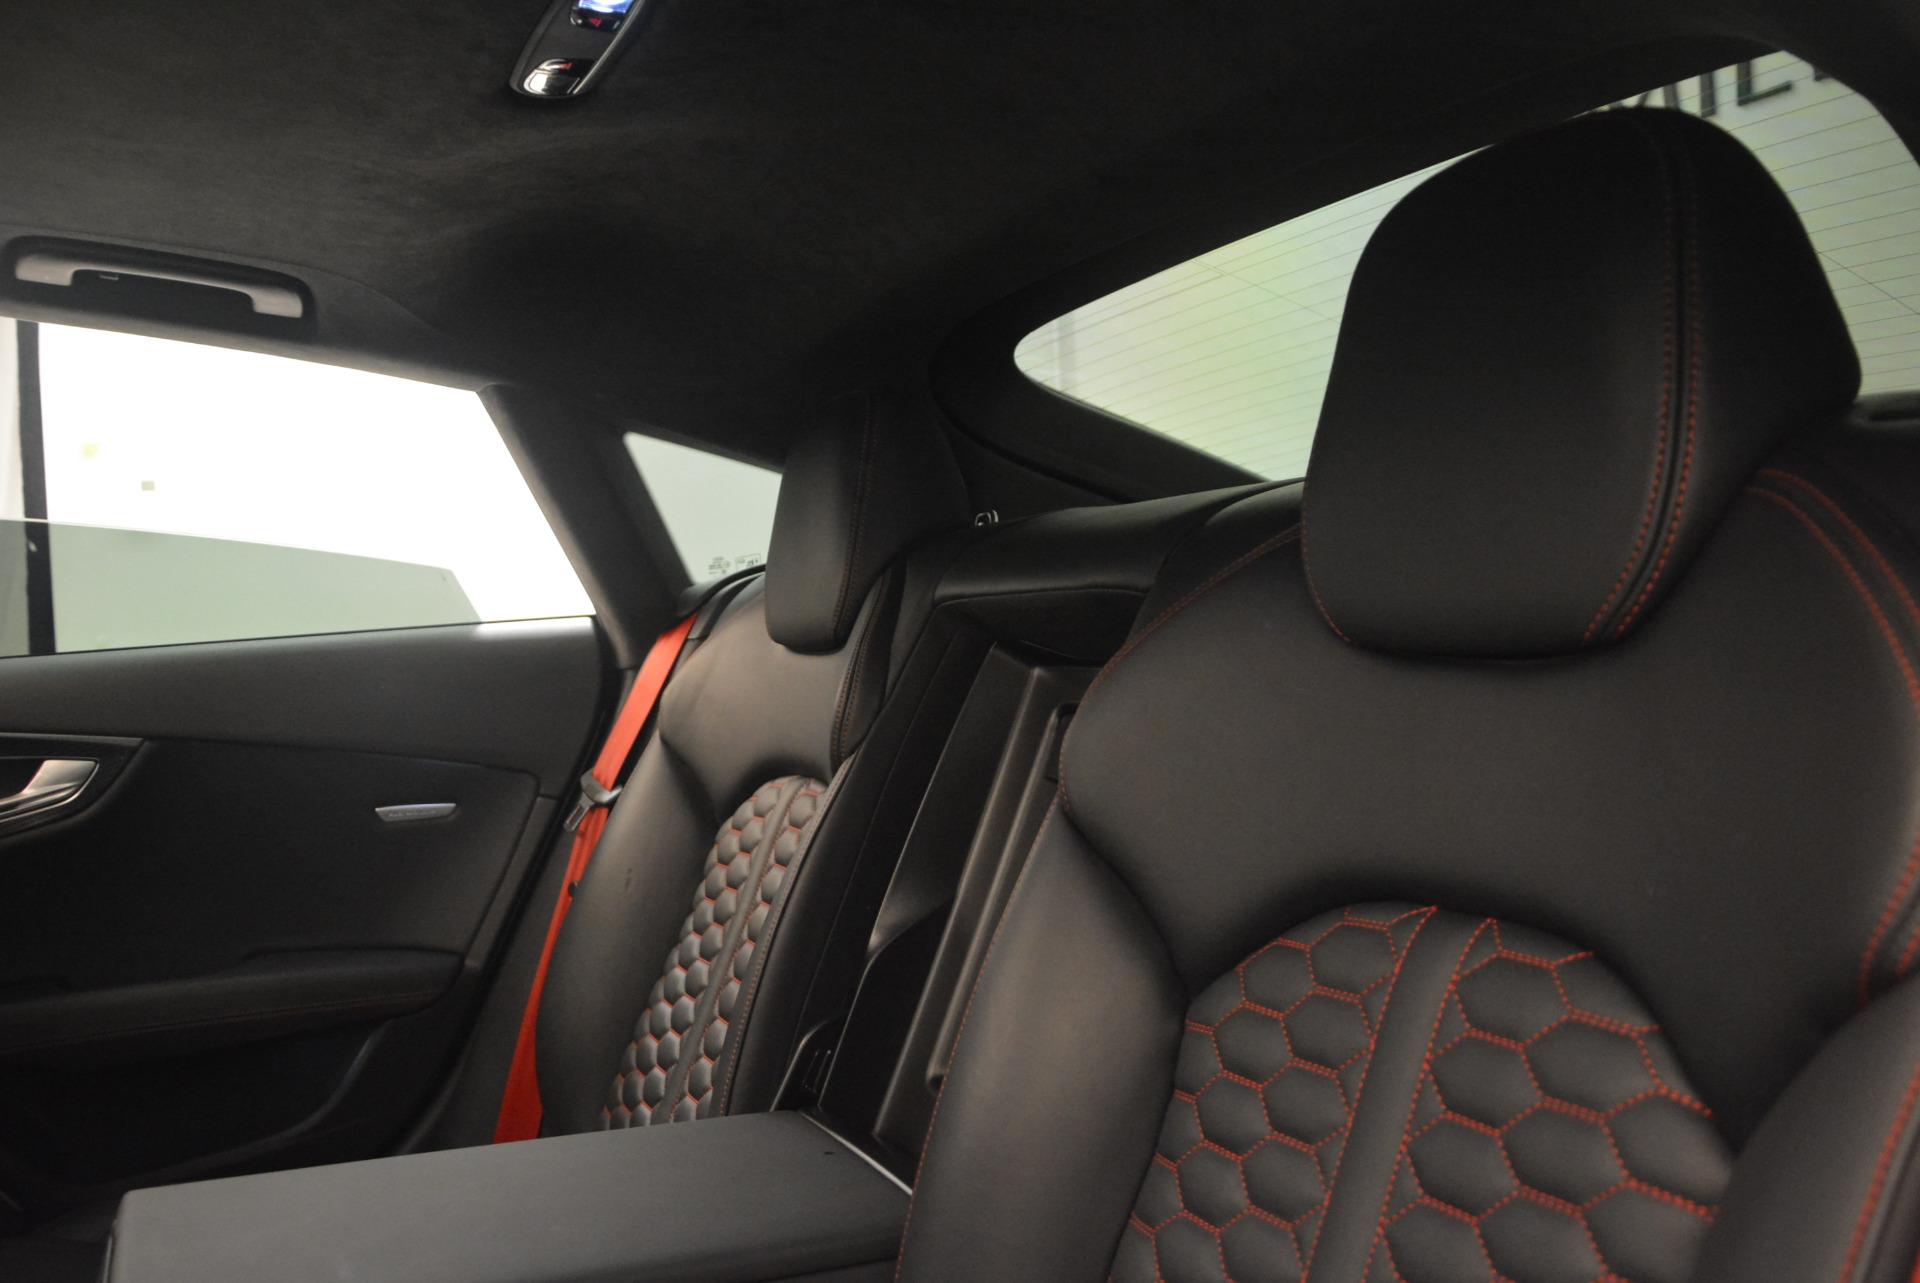 Used 2014 Audi RS 7 4.0T quattro Prestige For Sale In Greenwich, CT 1262_p34